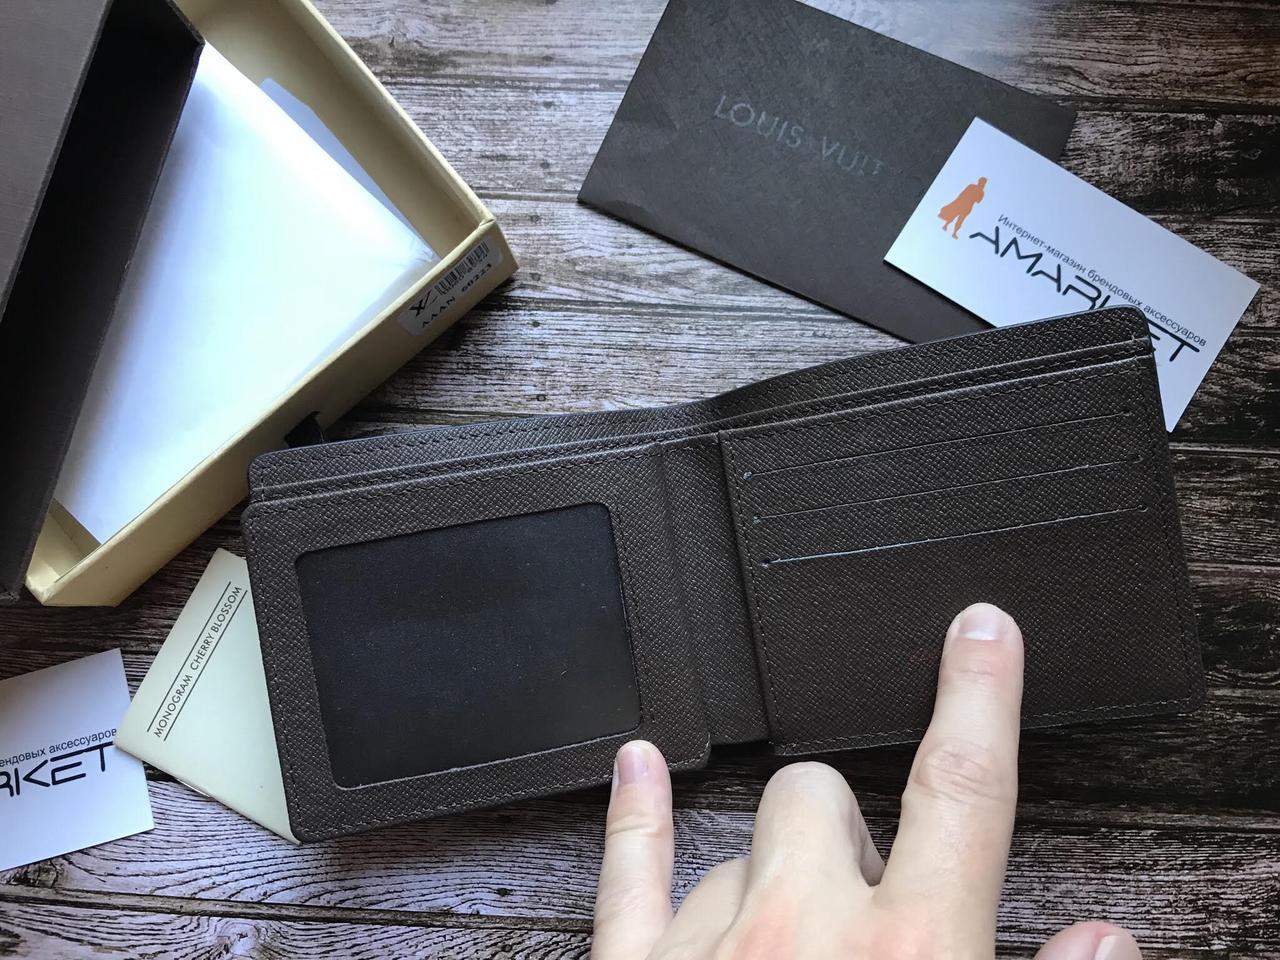 8df49709e7bc Кошелек клатч портмоне бумажник коричневый мужской женский Louis Vuitton  премиум реплика, цена 522,50 грн., купить Одеса — Prom.ua (ID#677510423)